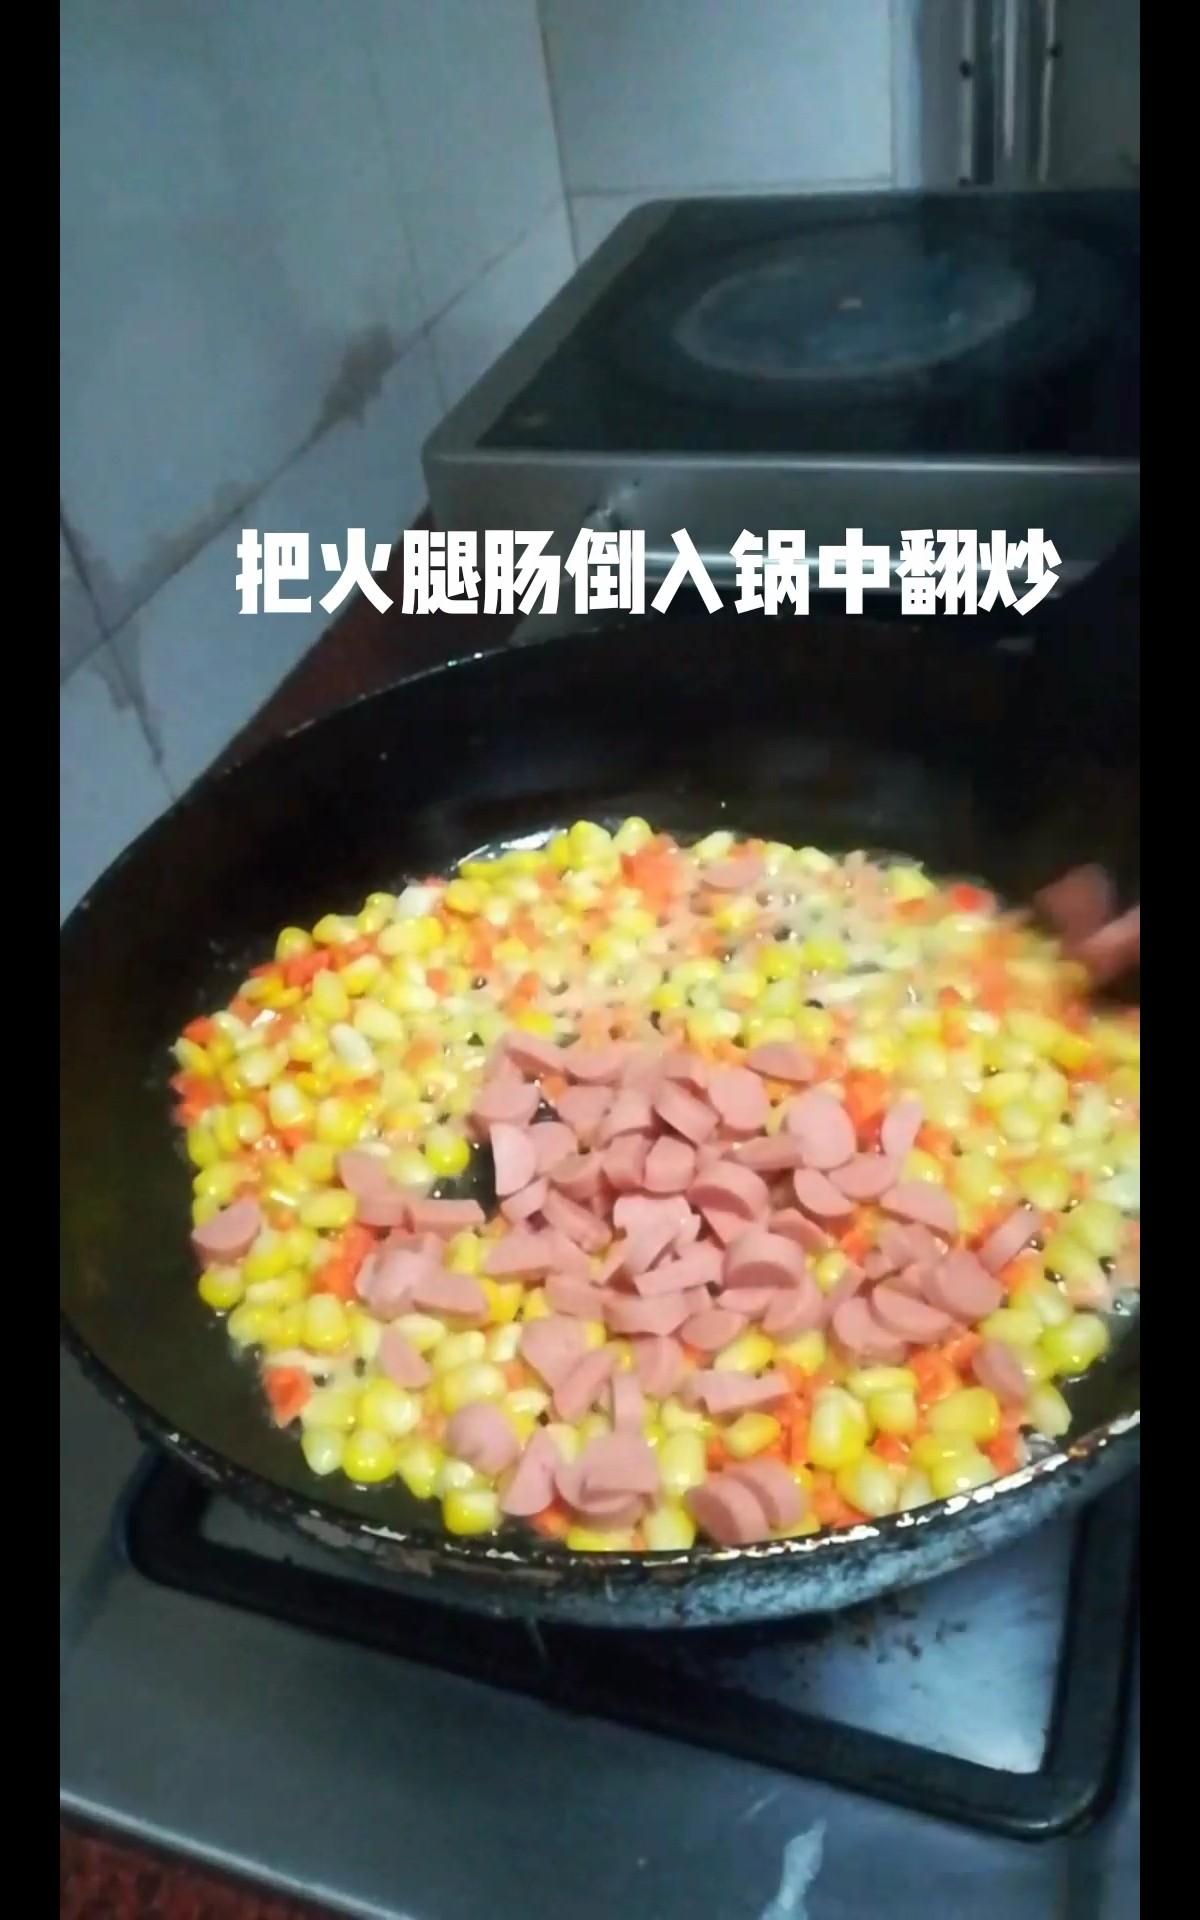 玉米蛋炒饭怎么吃